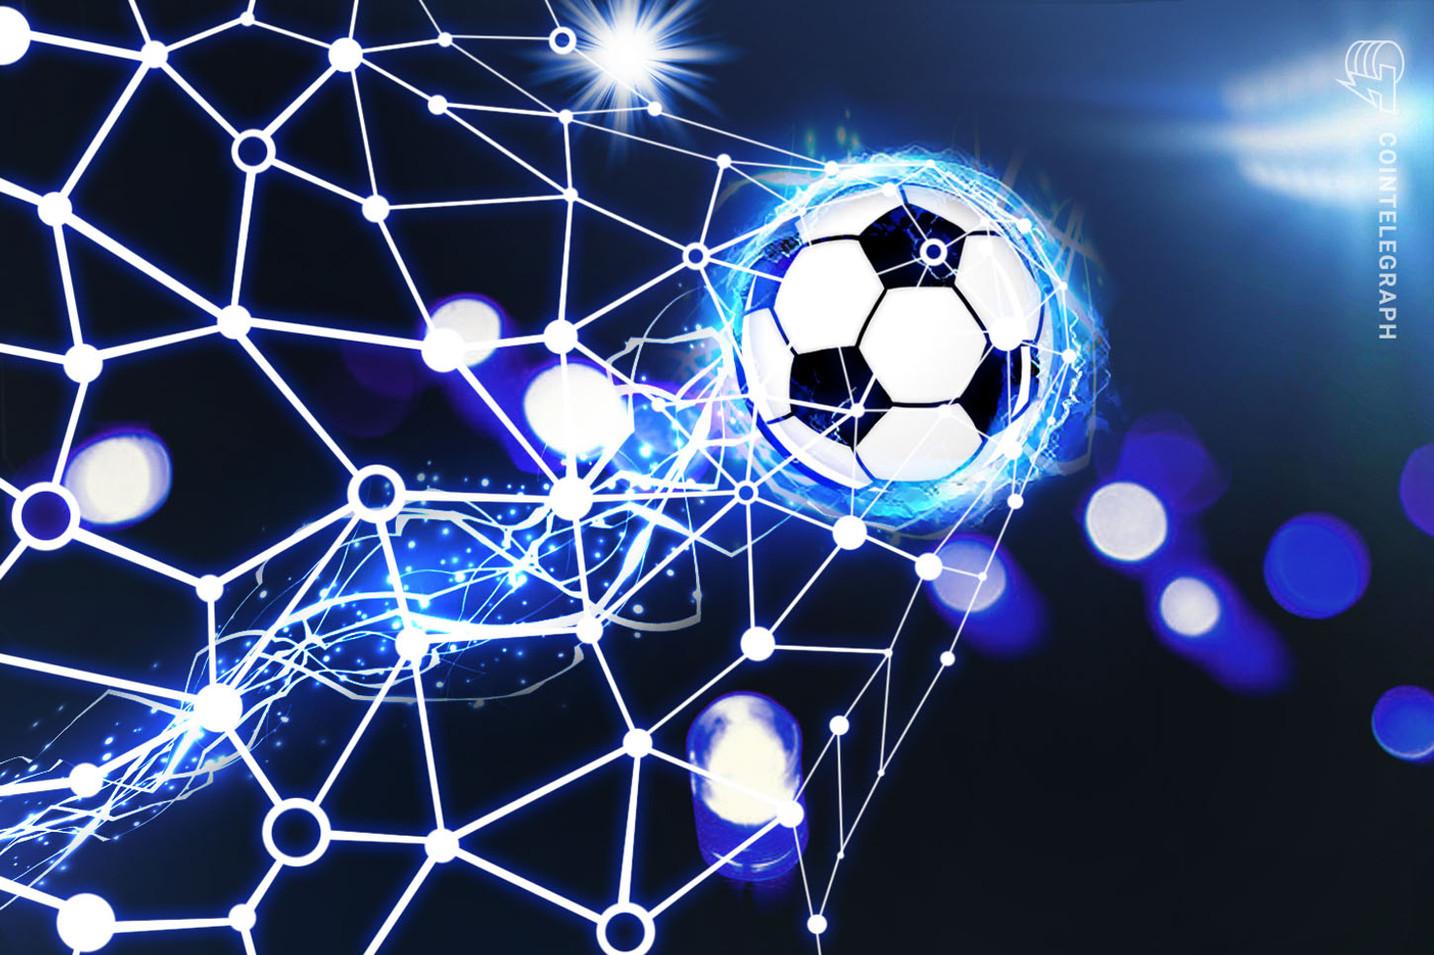 湘南ベルマーレ、国内初のプロサッカークラブトークンを発行